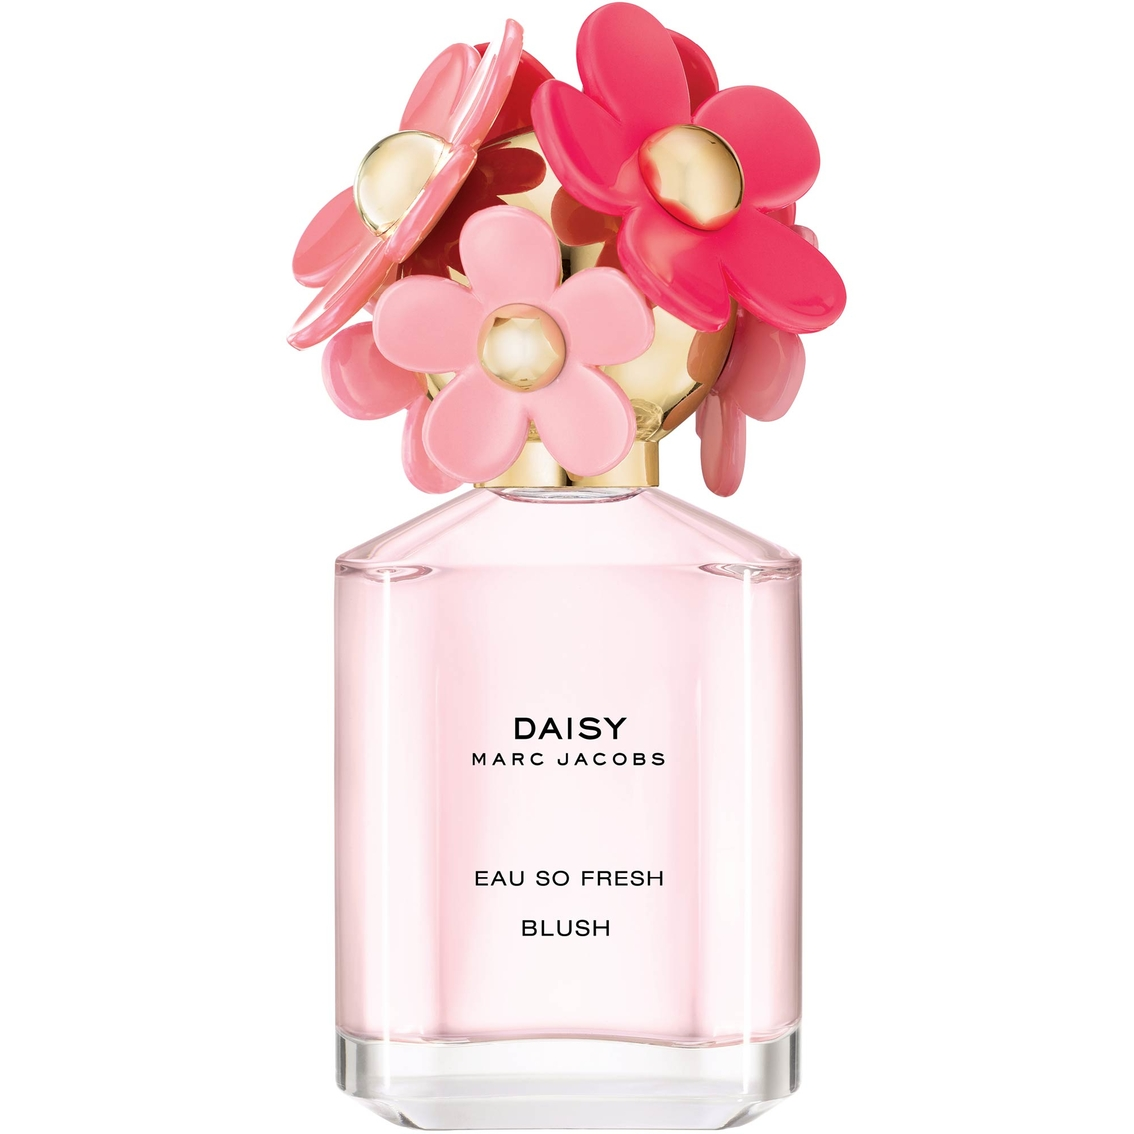 Marc jacobs daisy eau so fresh blush eau de parfum womens marc jacobs daisy eau so fresh blush eau de parfum izmirmasajfo